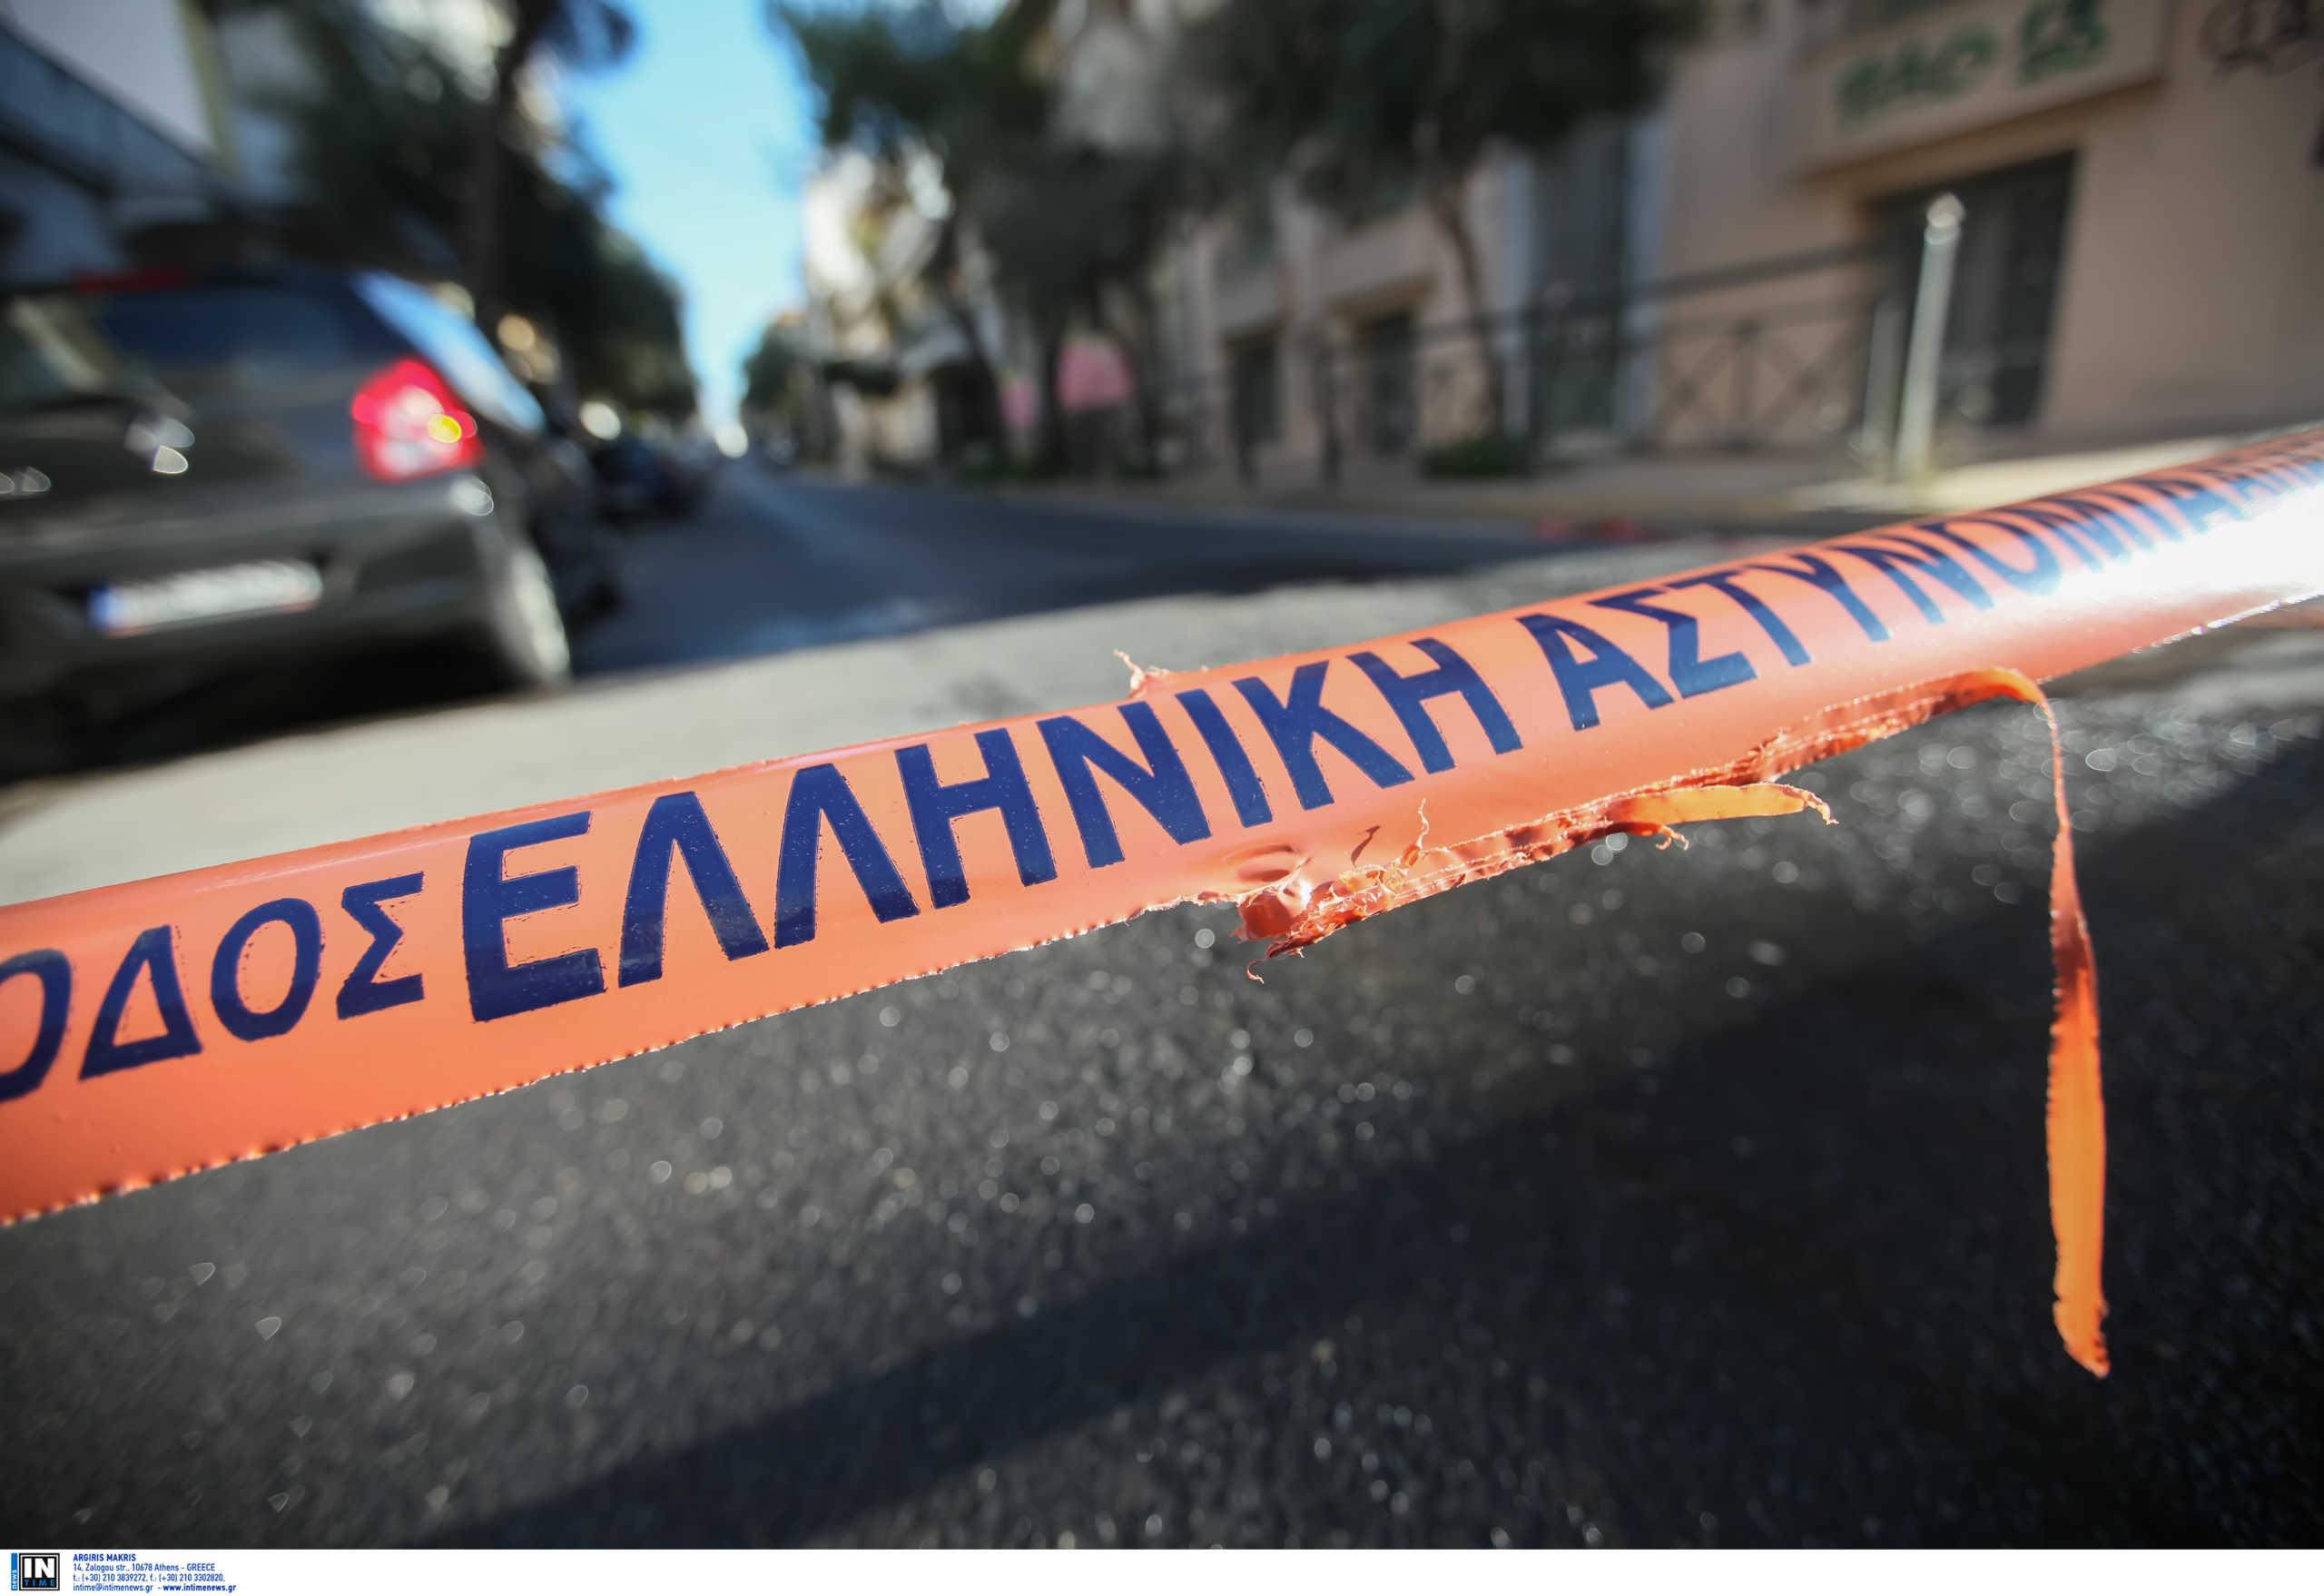 Τρόμος σε Άνω Γλυφάδα και Αργυρούπολη από συμμορία ανηλίκων που ληστεύει παιδιά